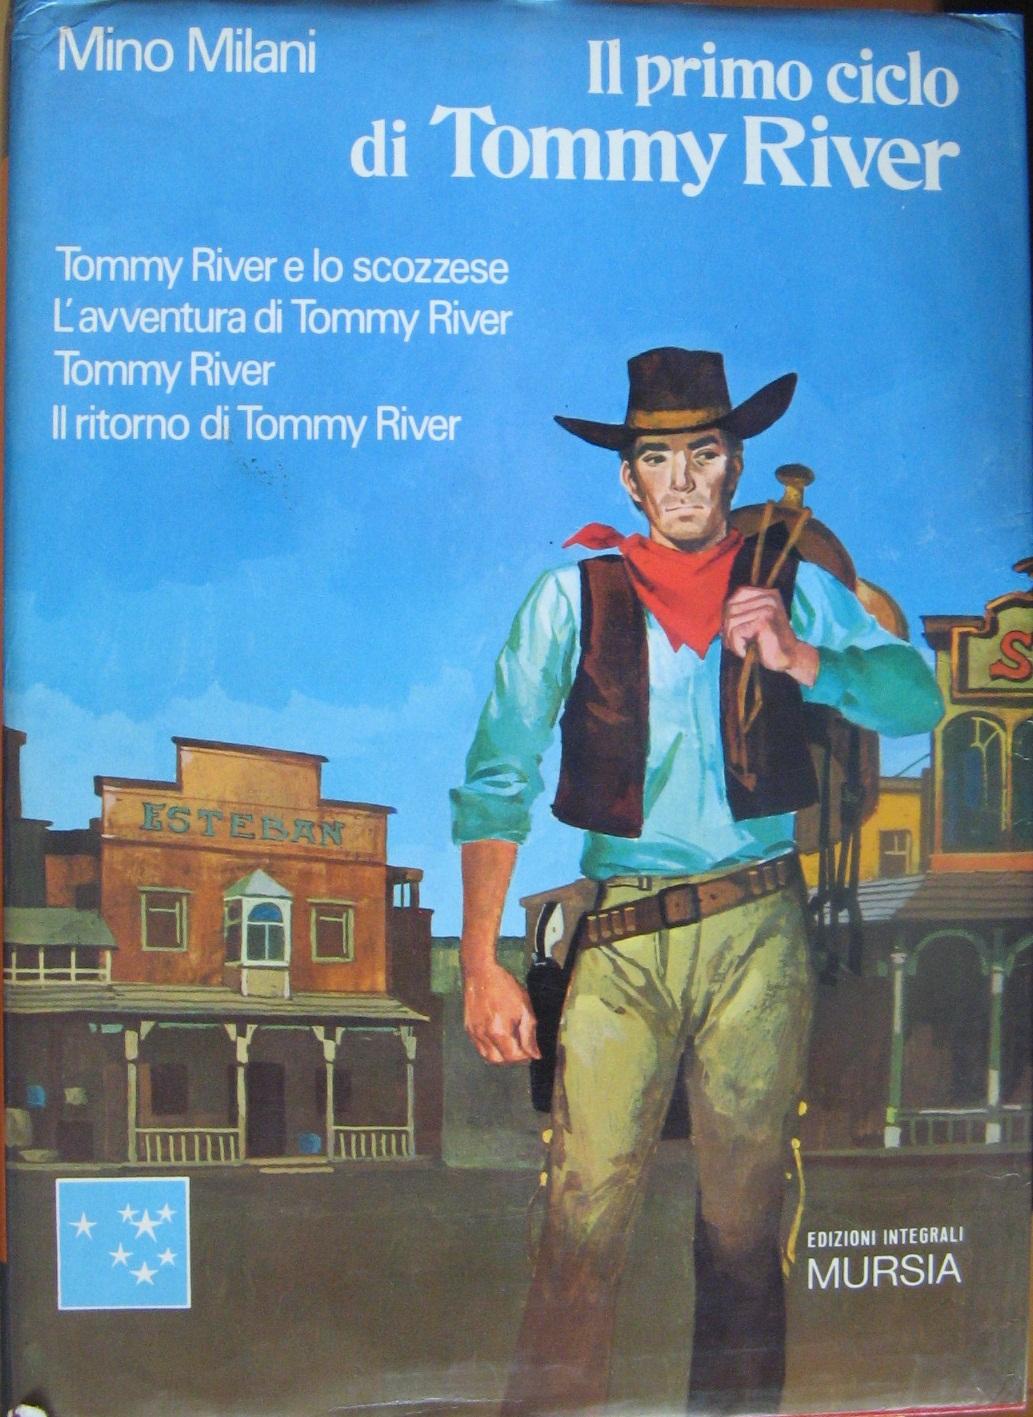 Il primo ciclo di Tommy River